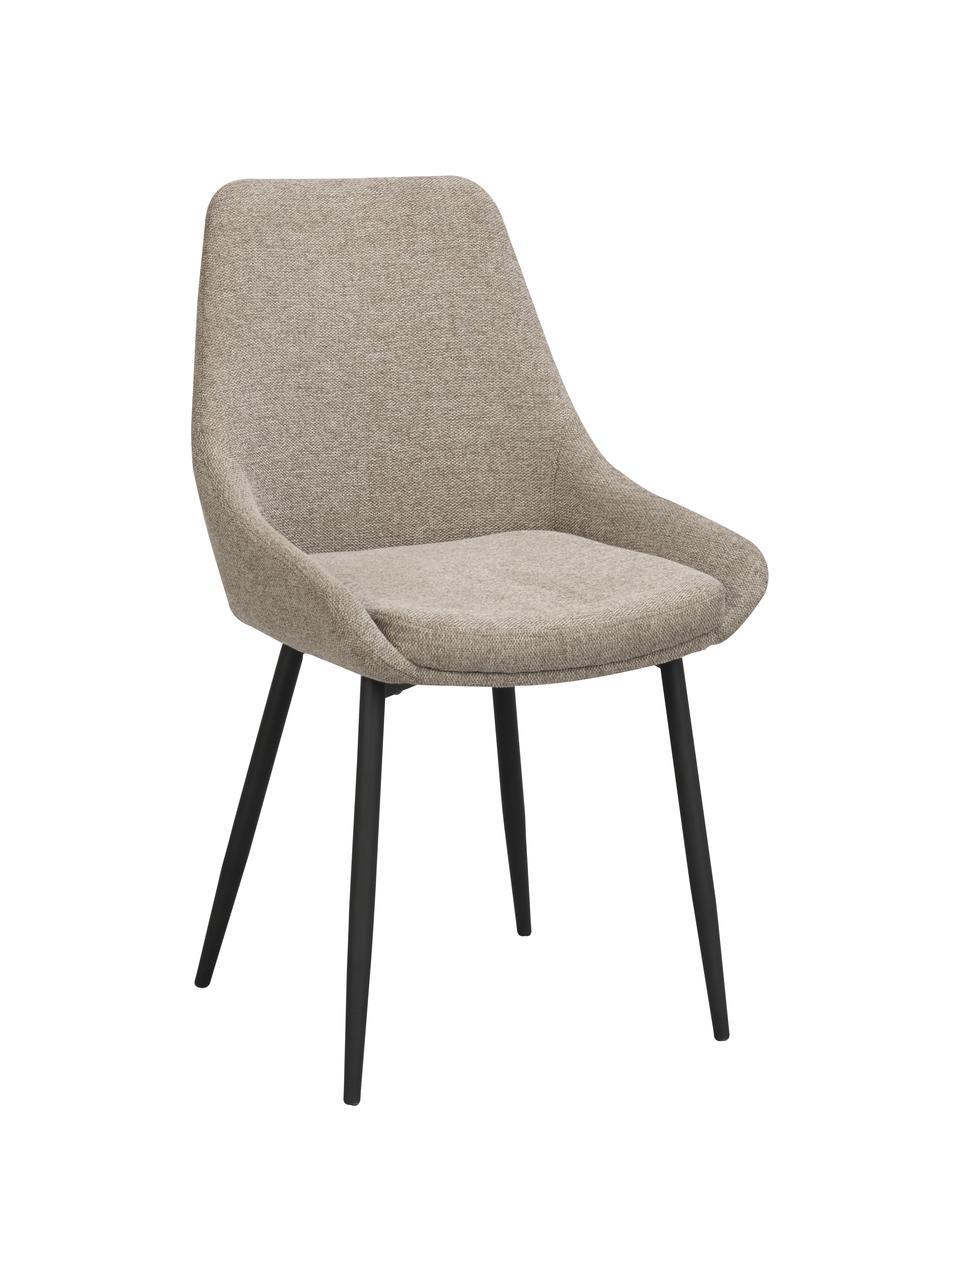 Chaise beige rembourrée Sierra, 2pièces, Tissu beige